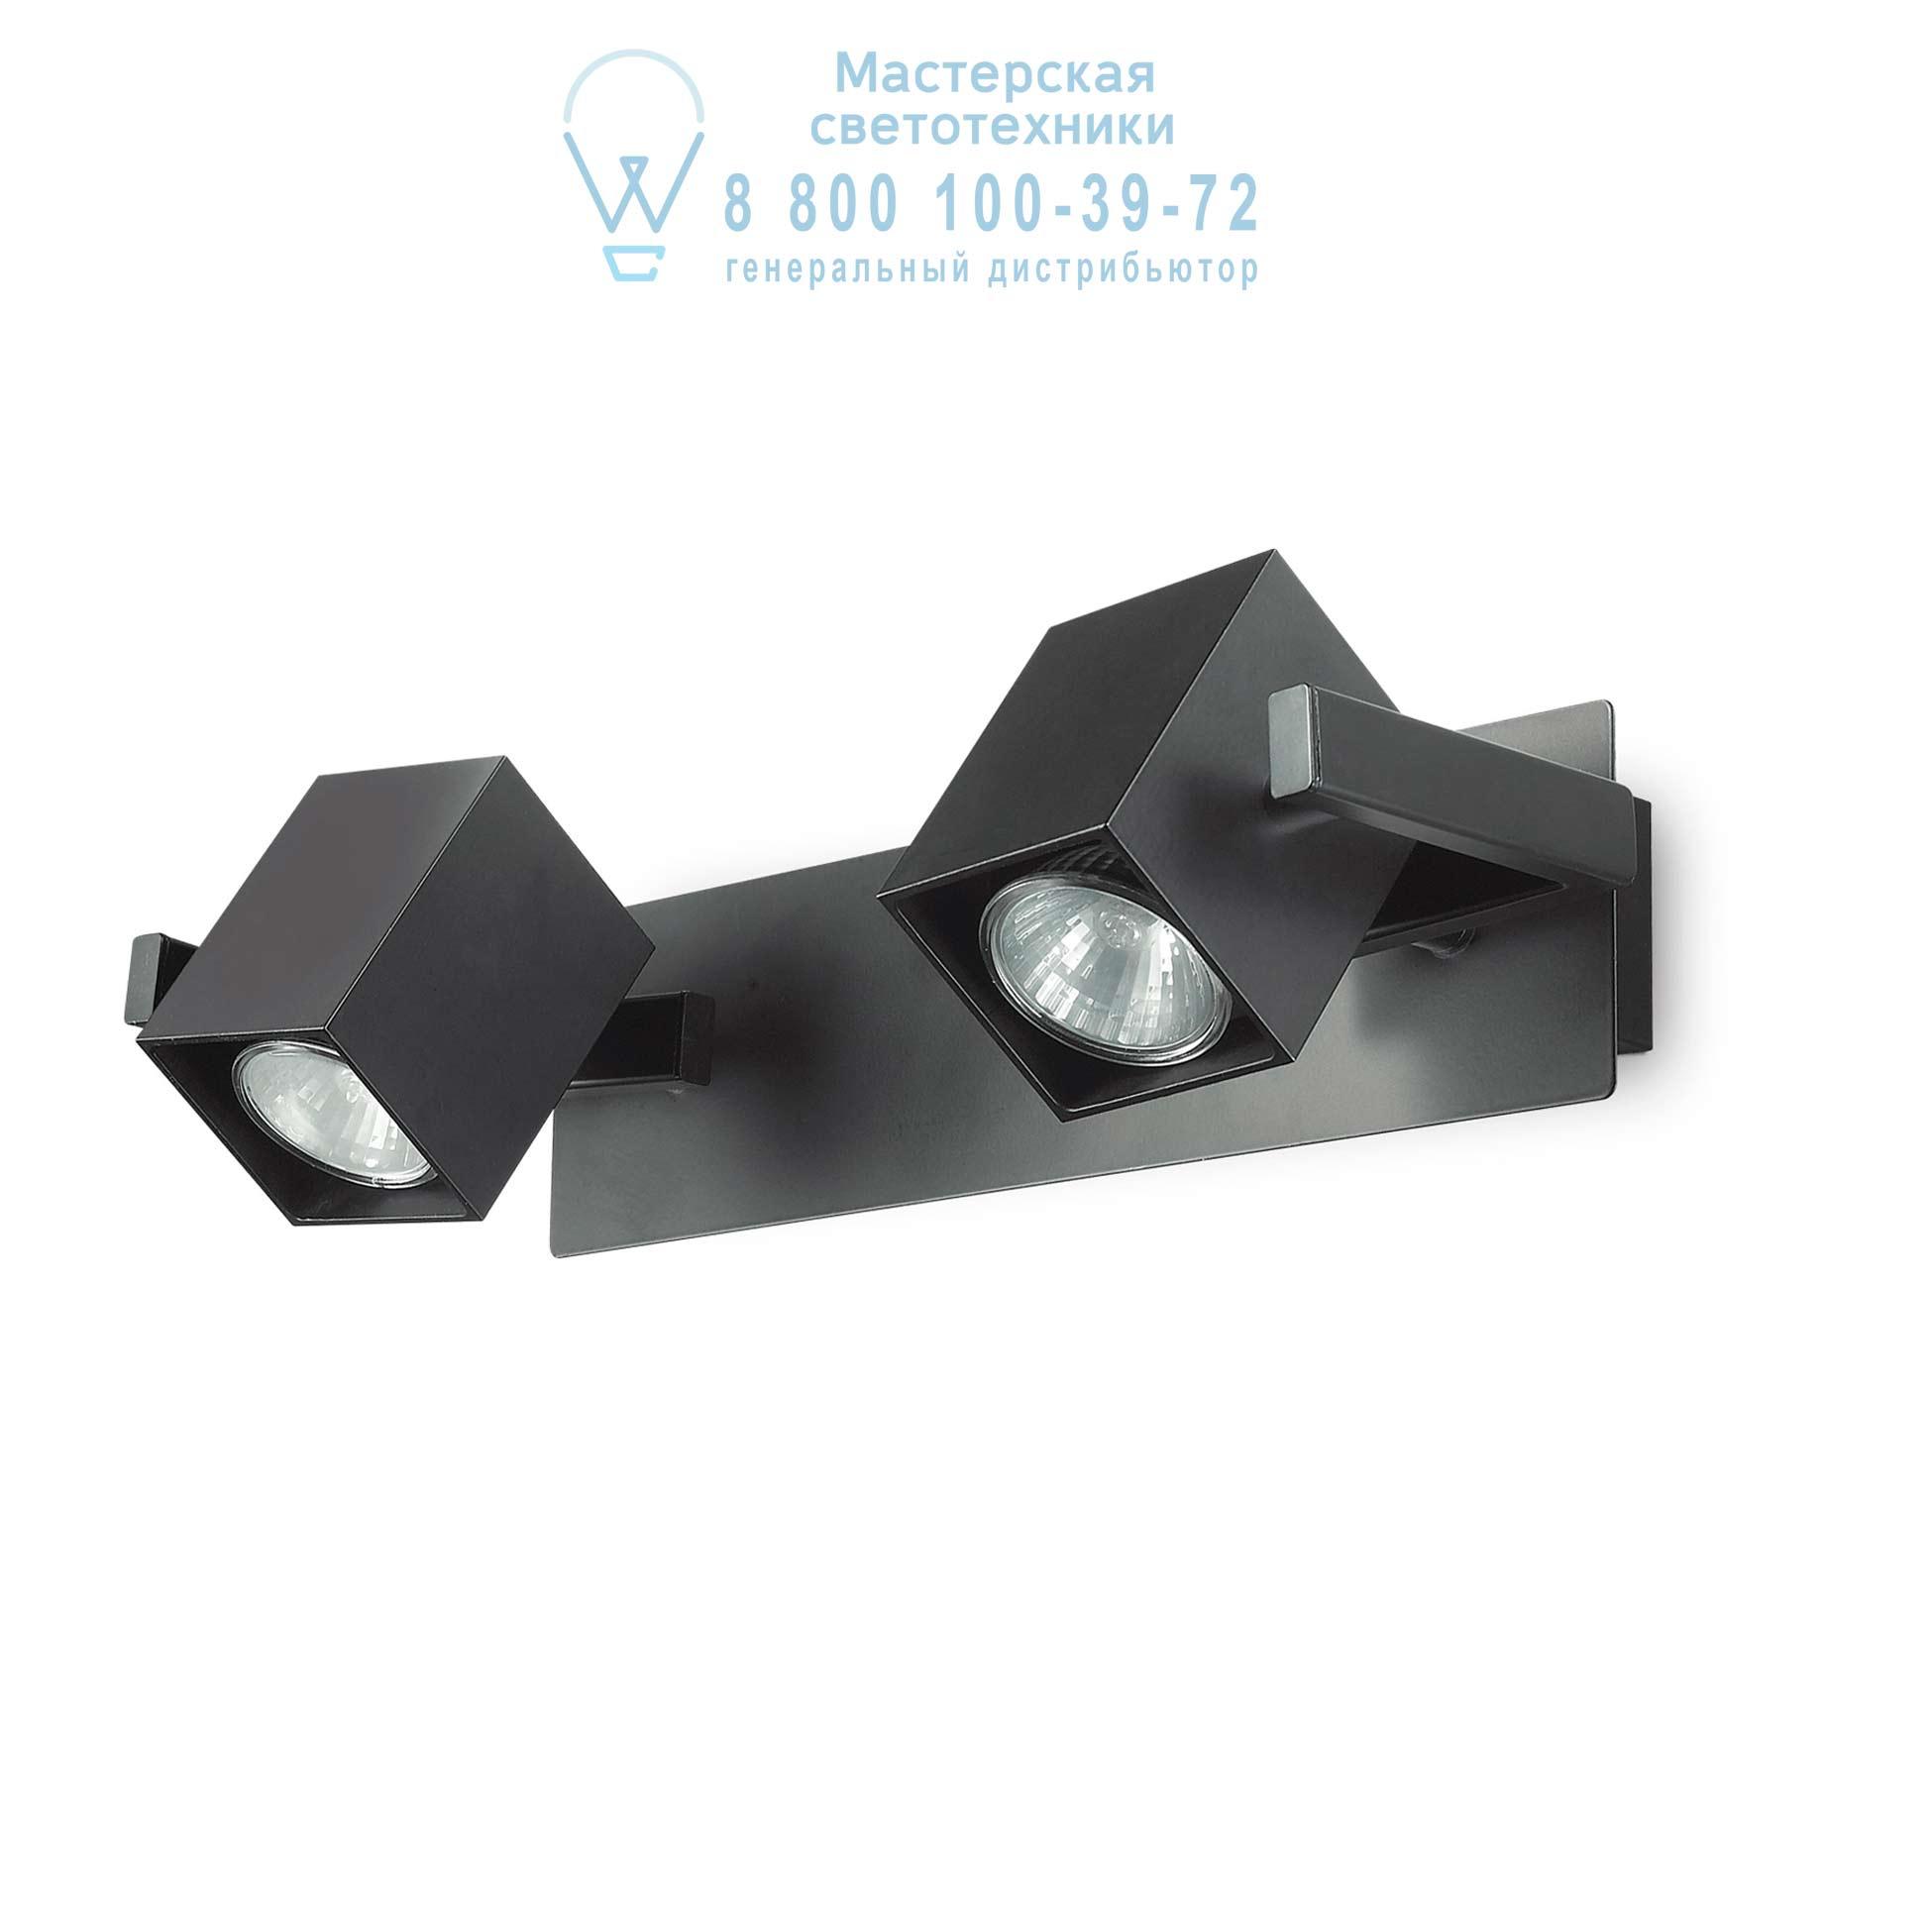 MOUSE AP2 NERO накладной светильник черный